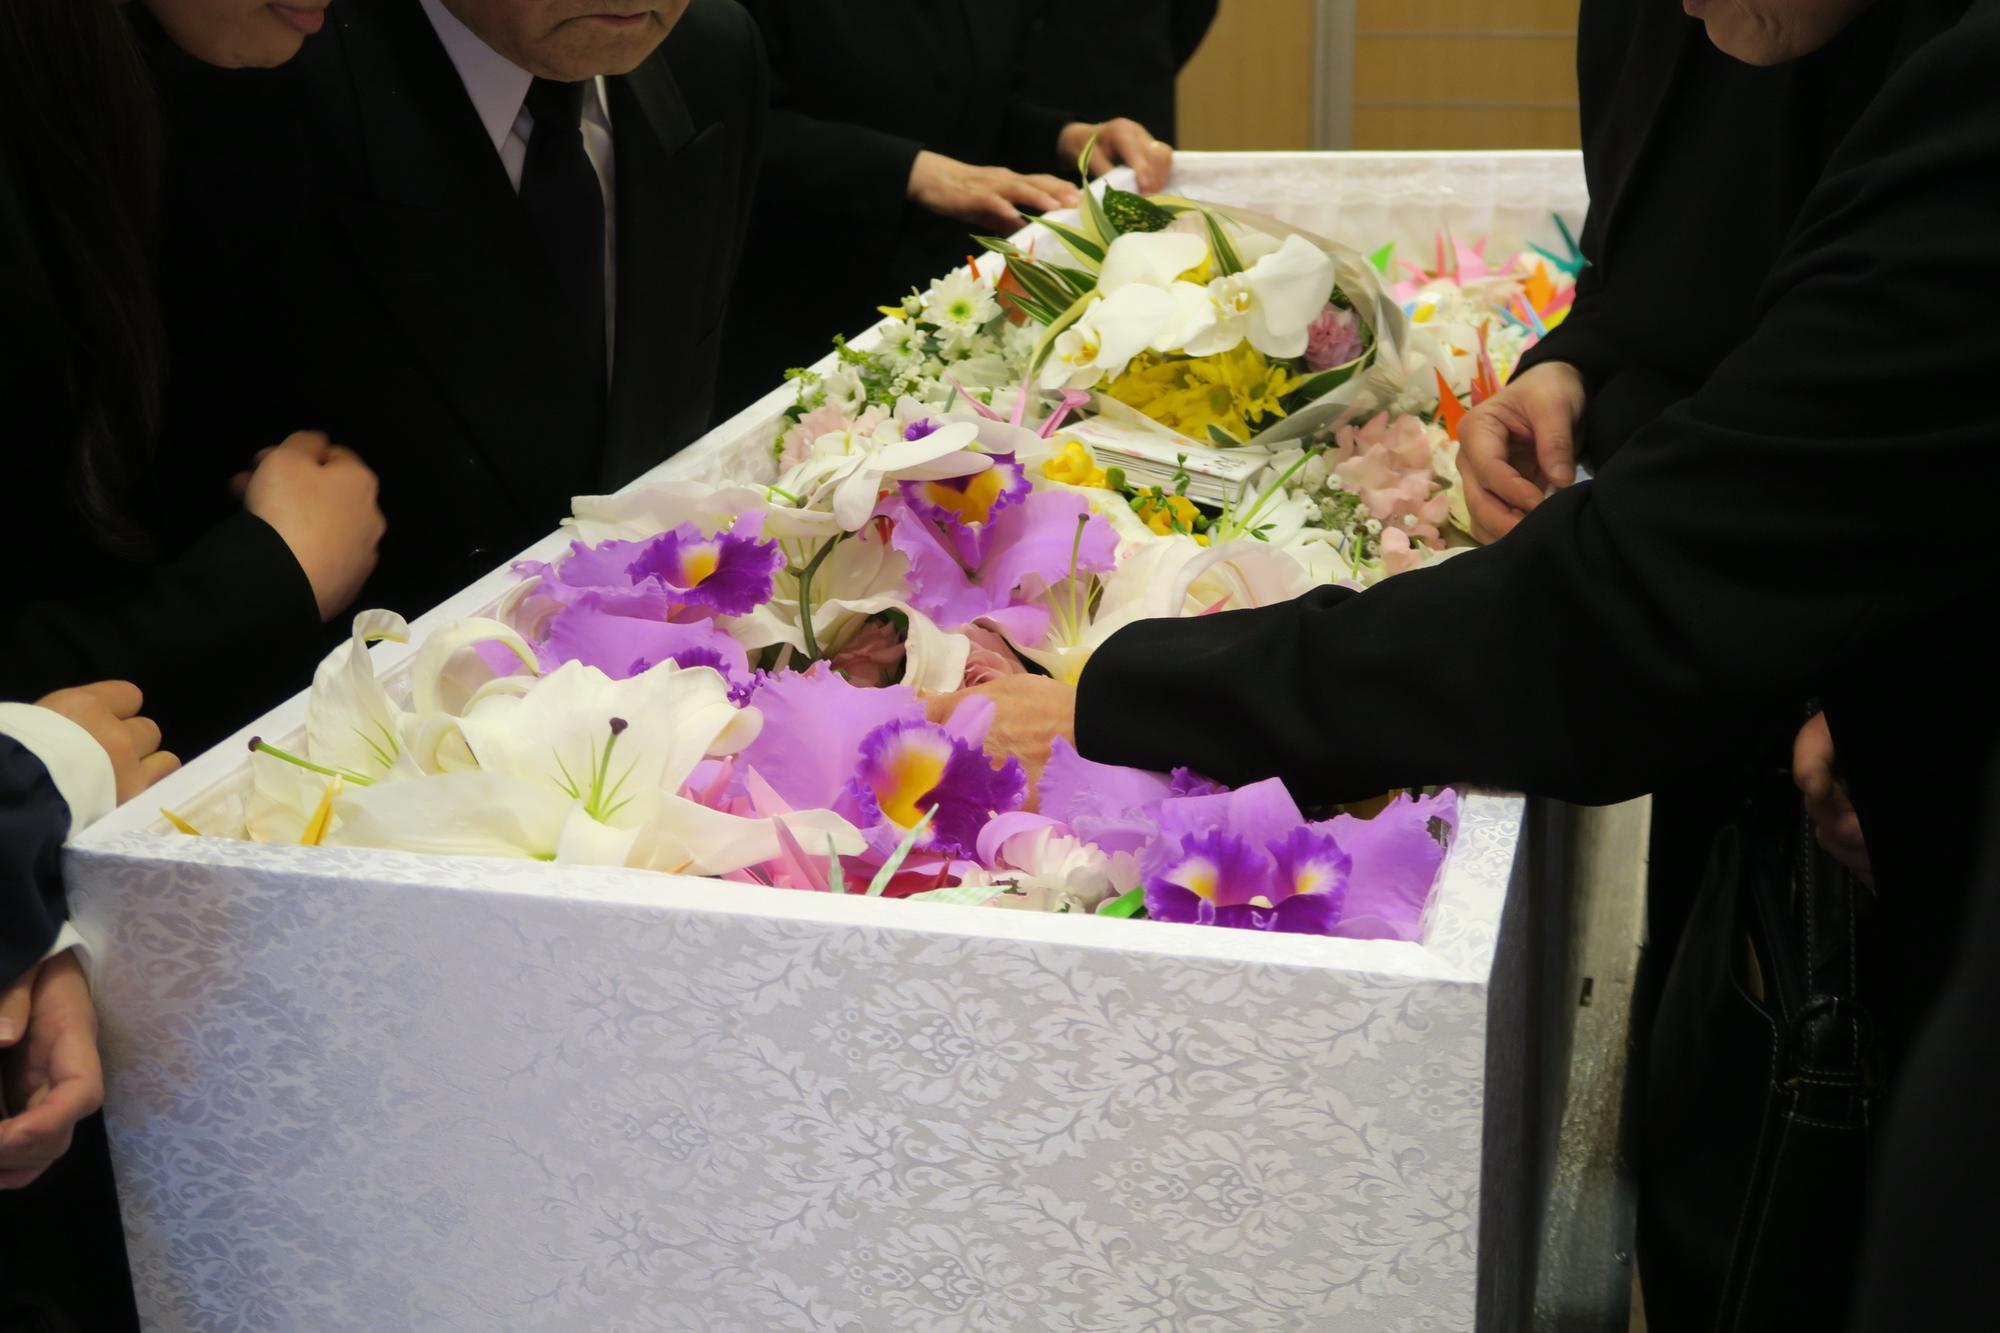 「家族葬」の葬儀費用はどのくらい必要?温かい葬儀で見送りたい